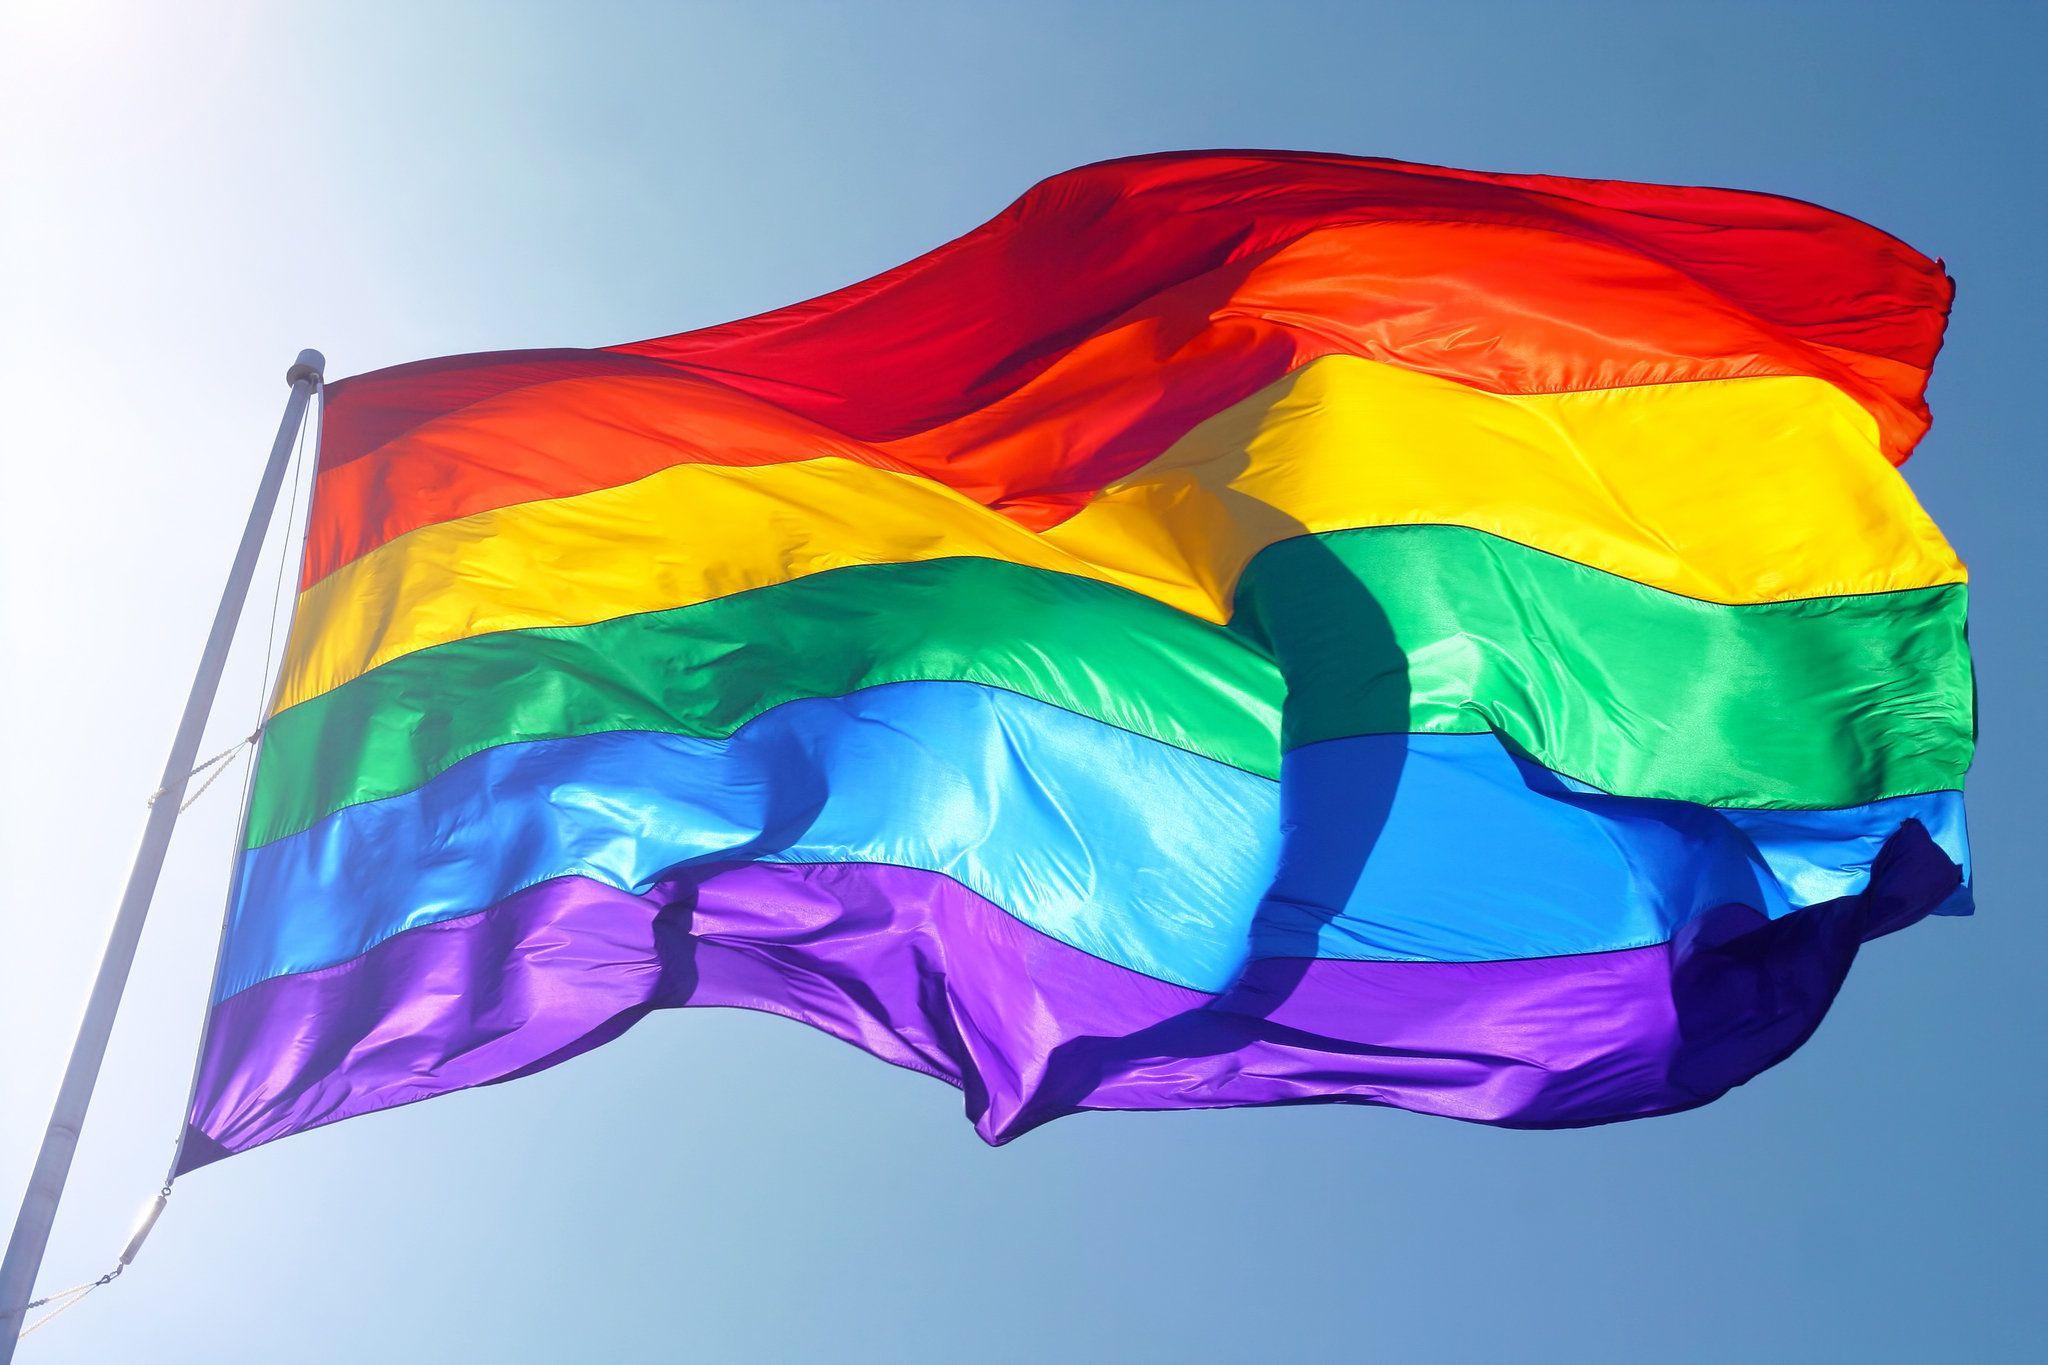 समलिंगी विवाह :  धर्माचा न्याय, न्यायाचा धर्म